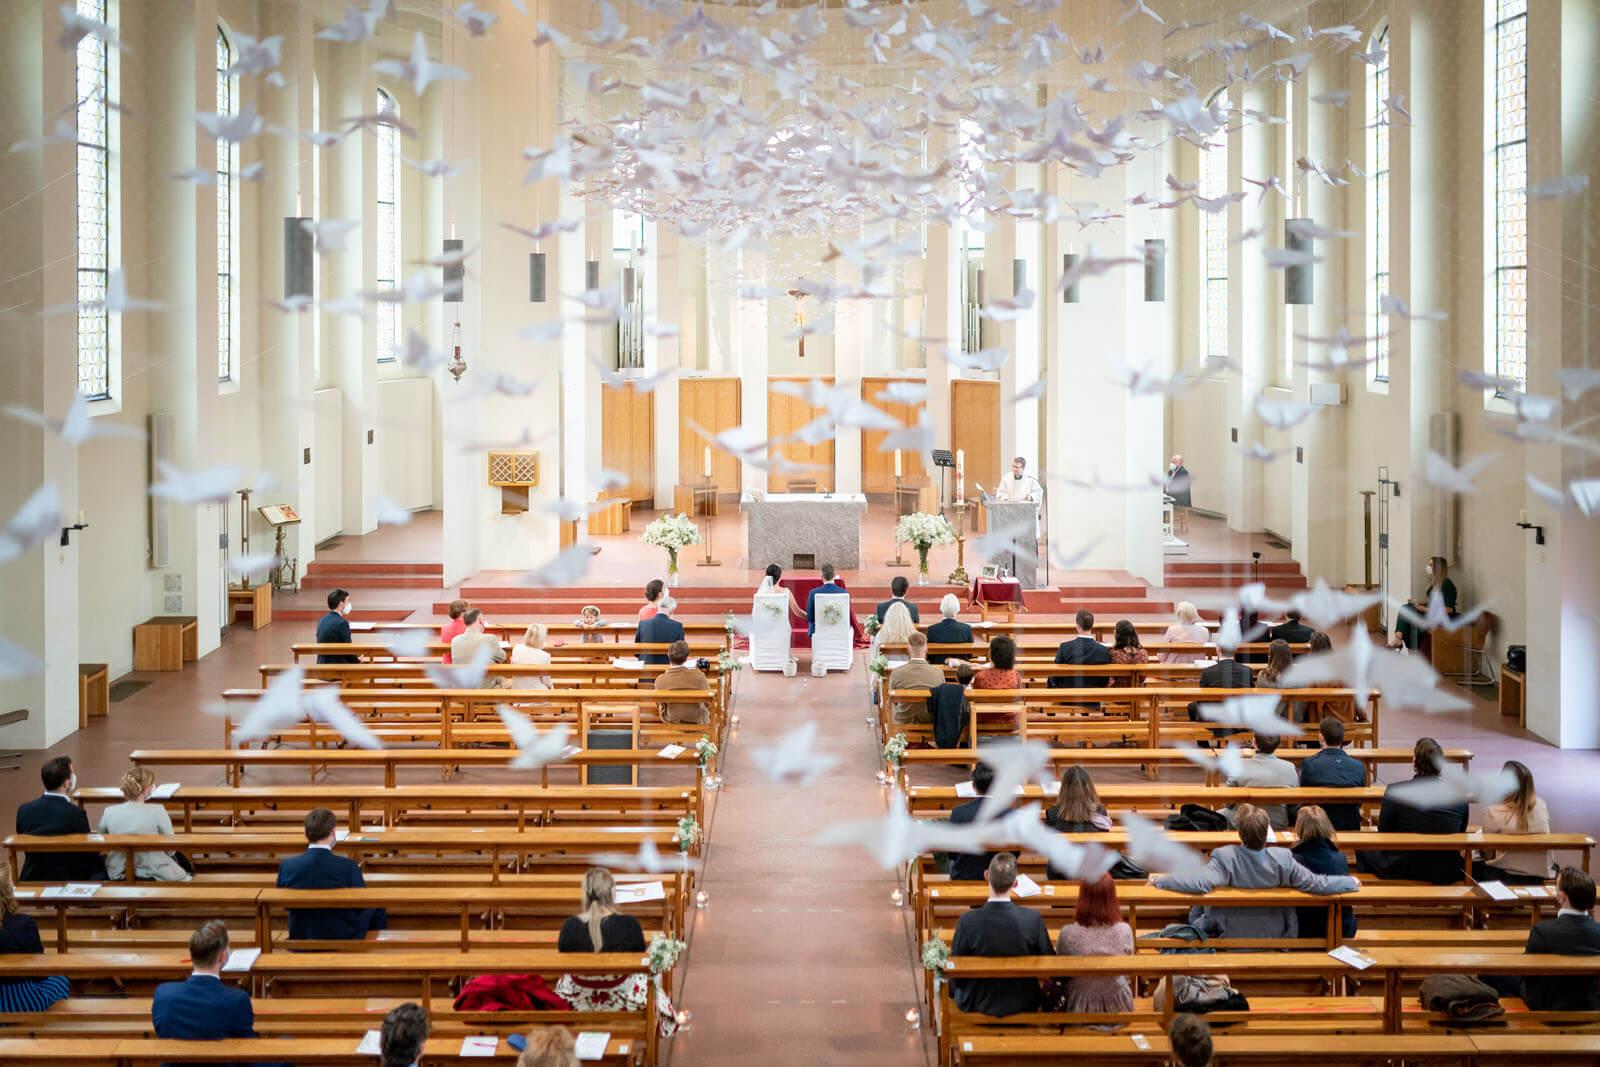 Fotograf Florian Läufer hielt diese schöne Stimmung einer Hochzeit im kleinen Michel Hamburg fest.